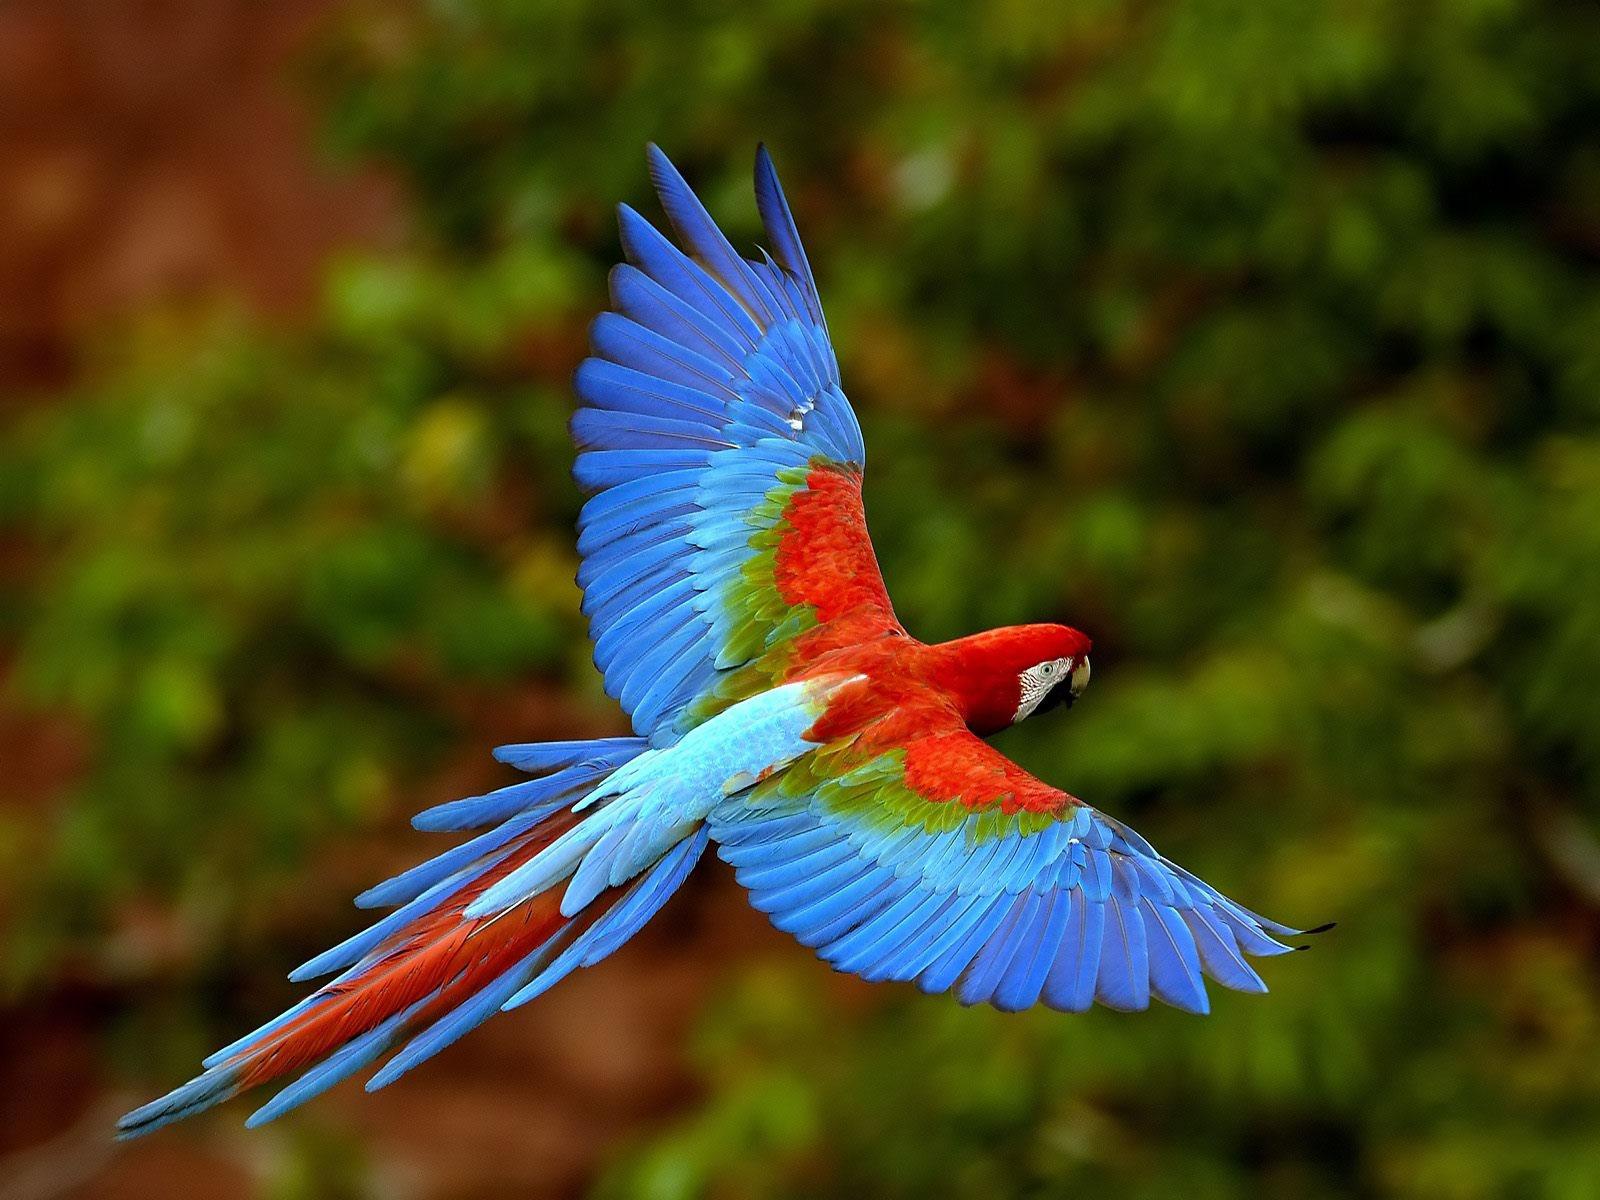 Stunning Parrot Wallpaper